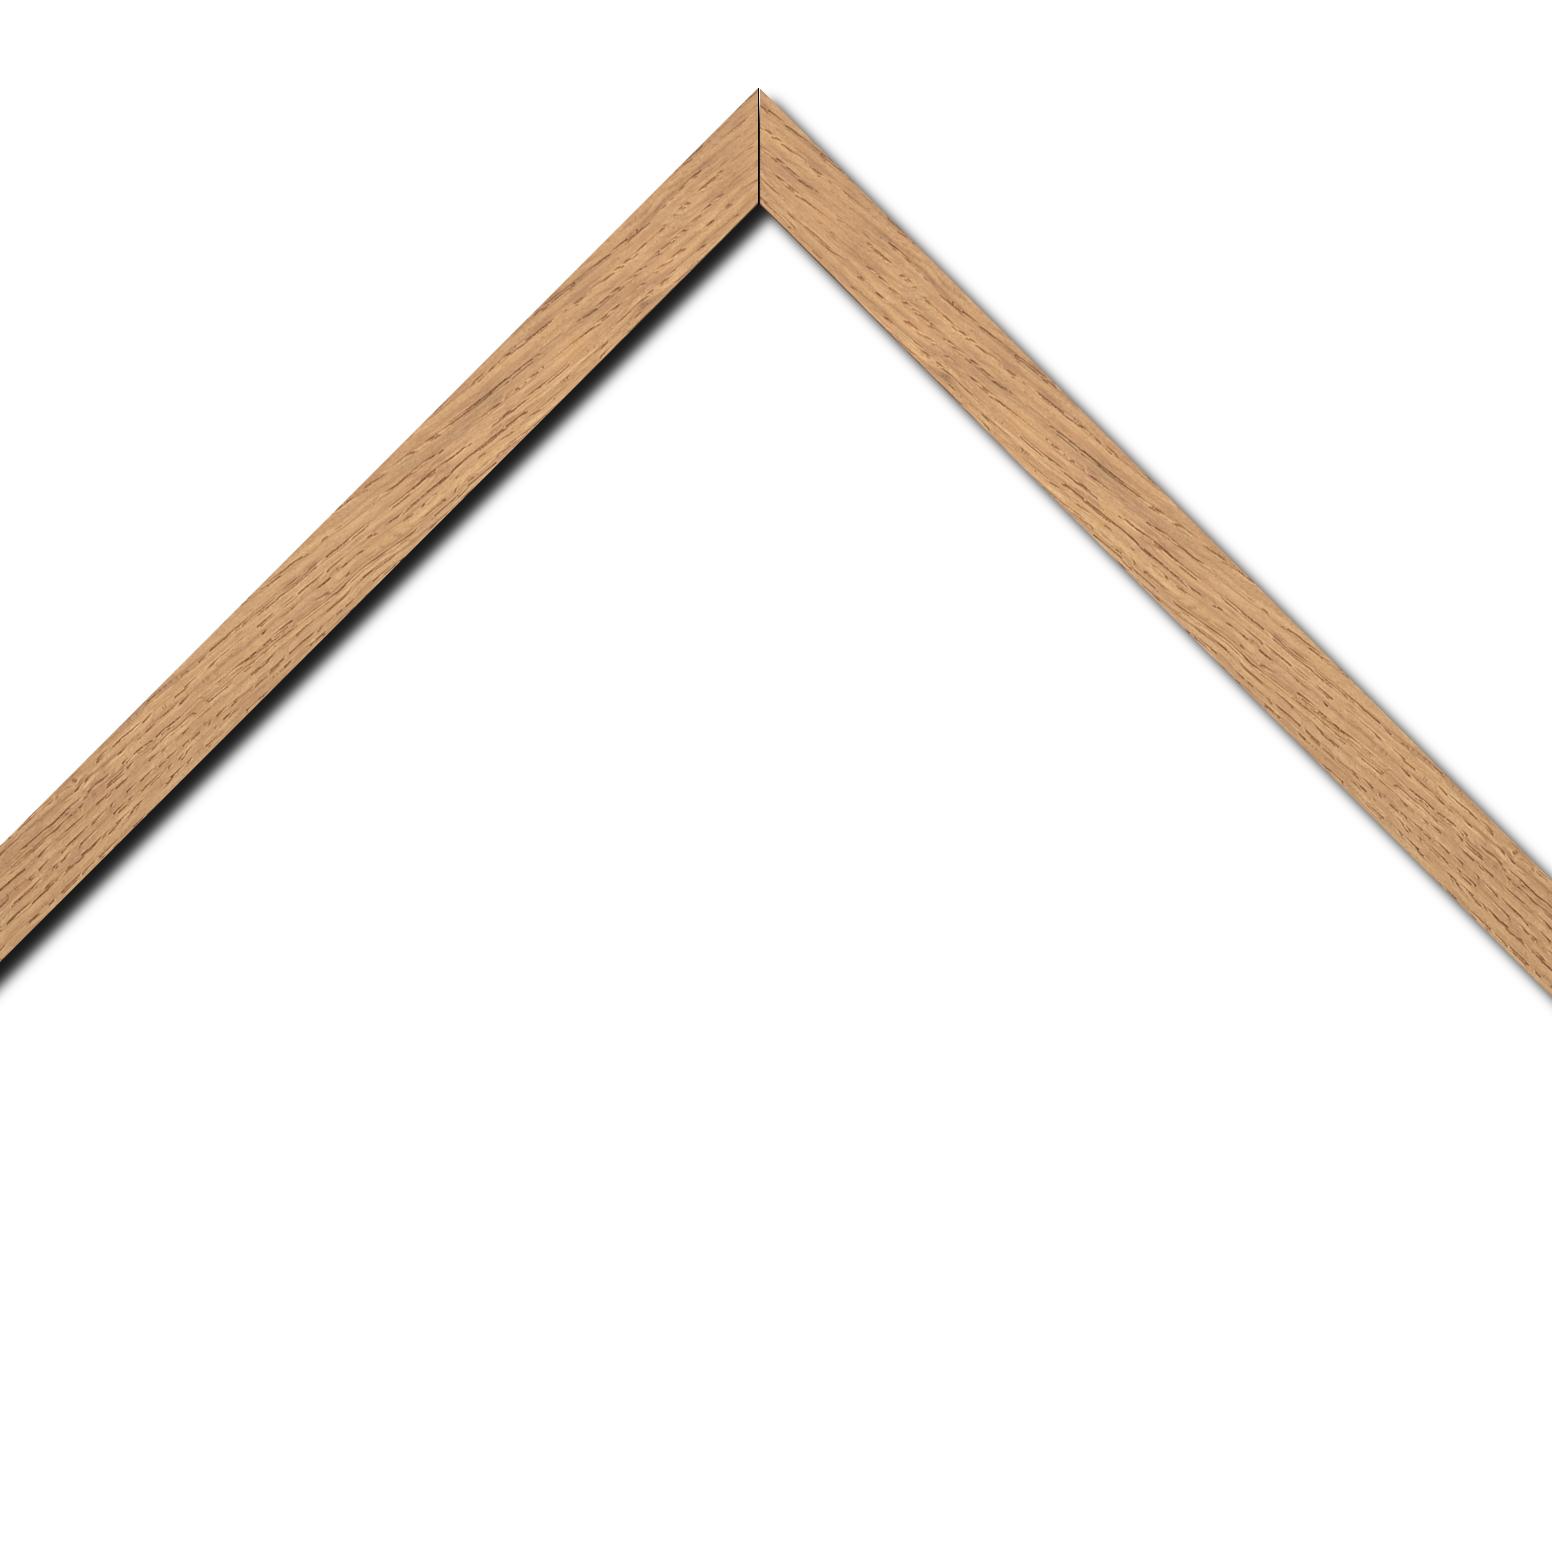 Baguette bois profil plat largeur 2cm chêne massif naturel